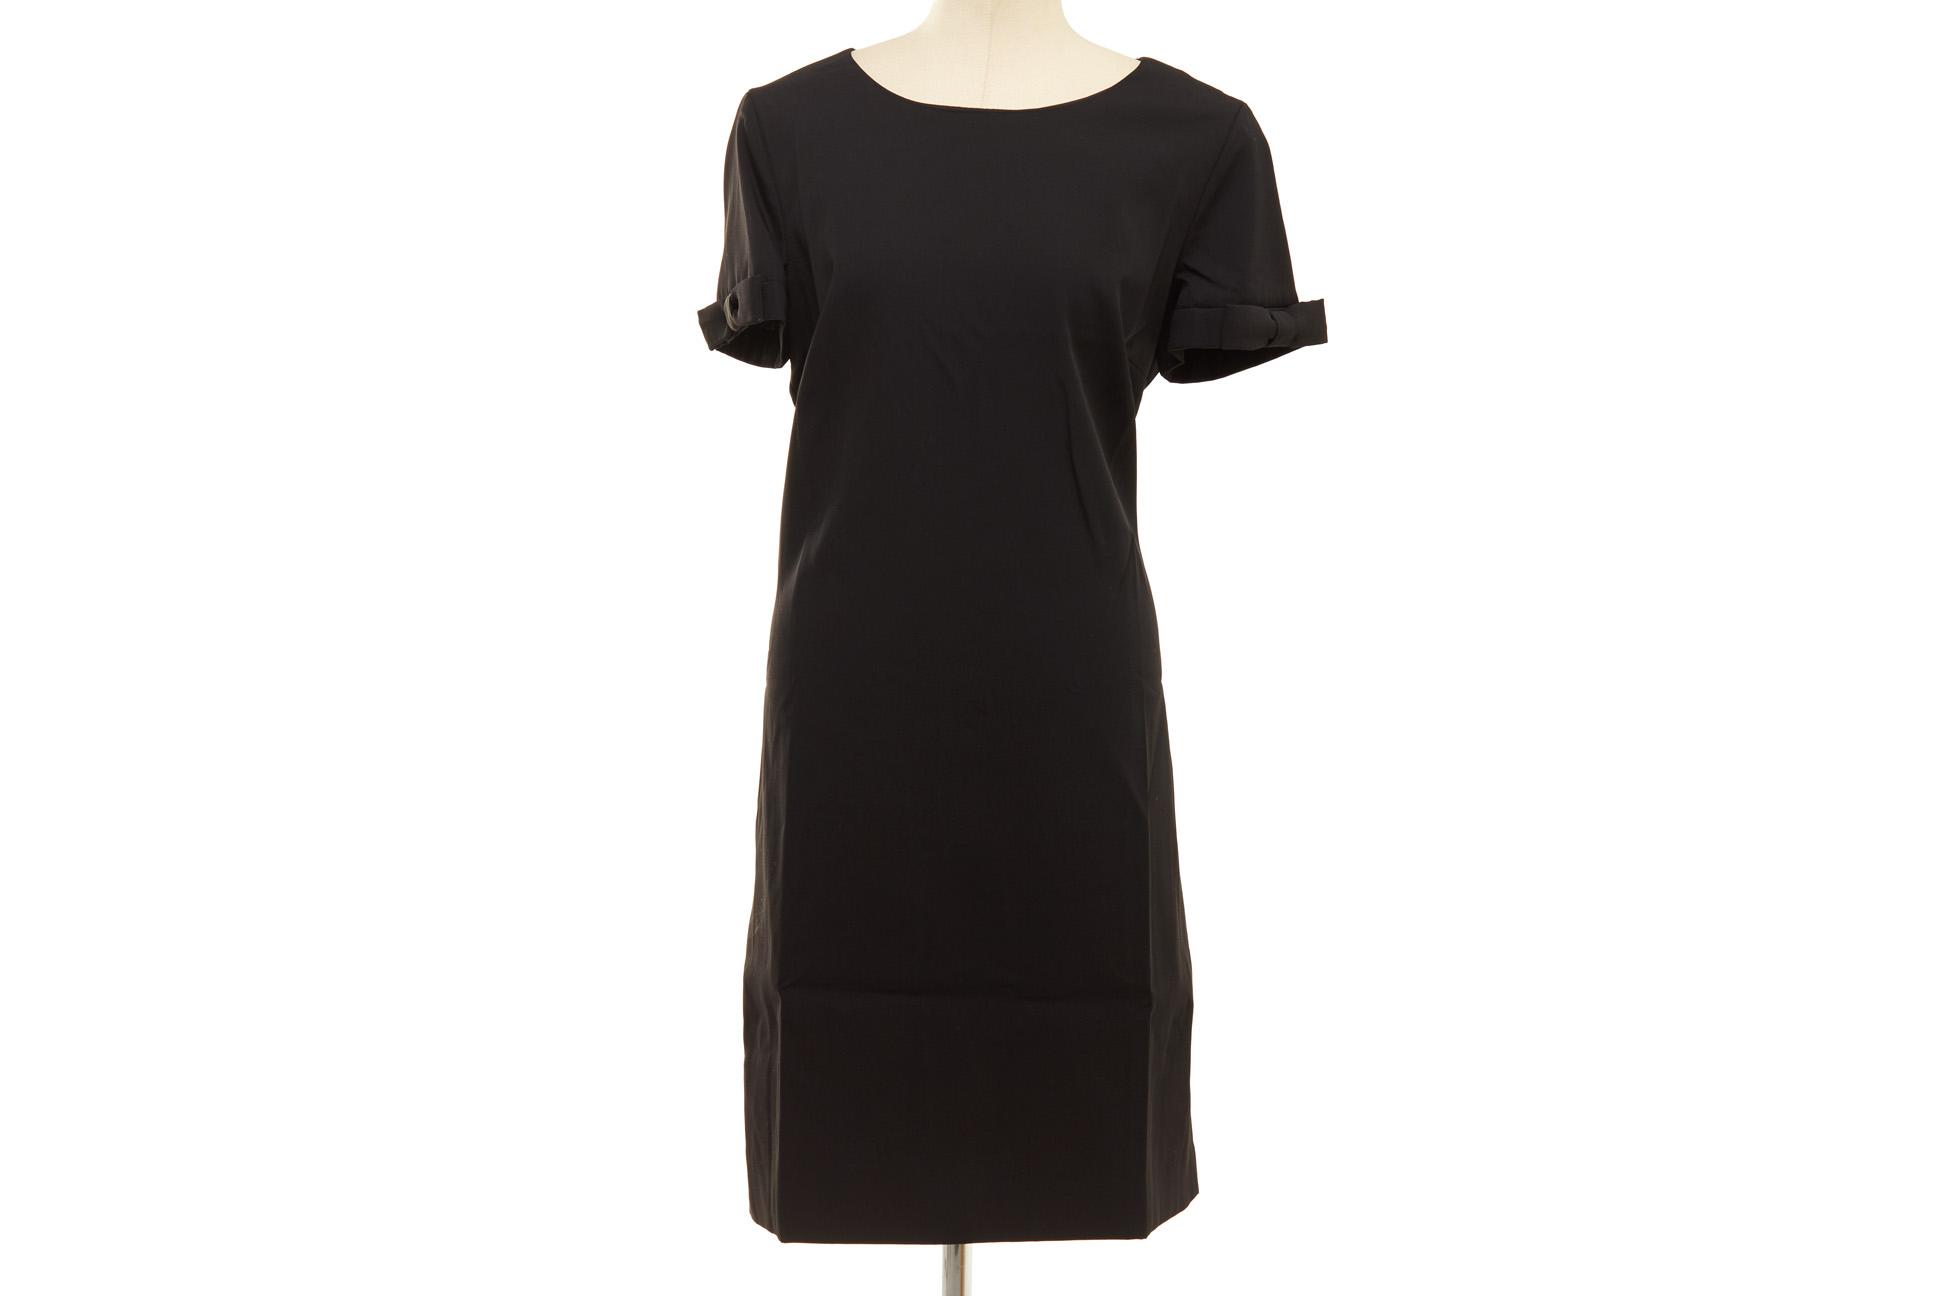 A MOSCHINO BLACK WOOL SHIFT DRESS